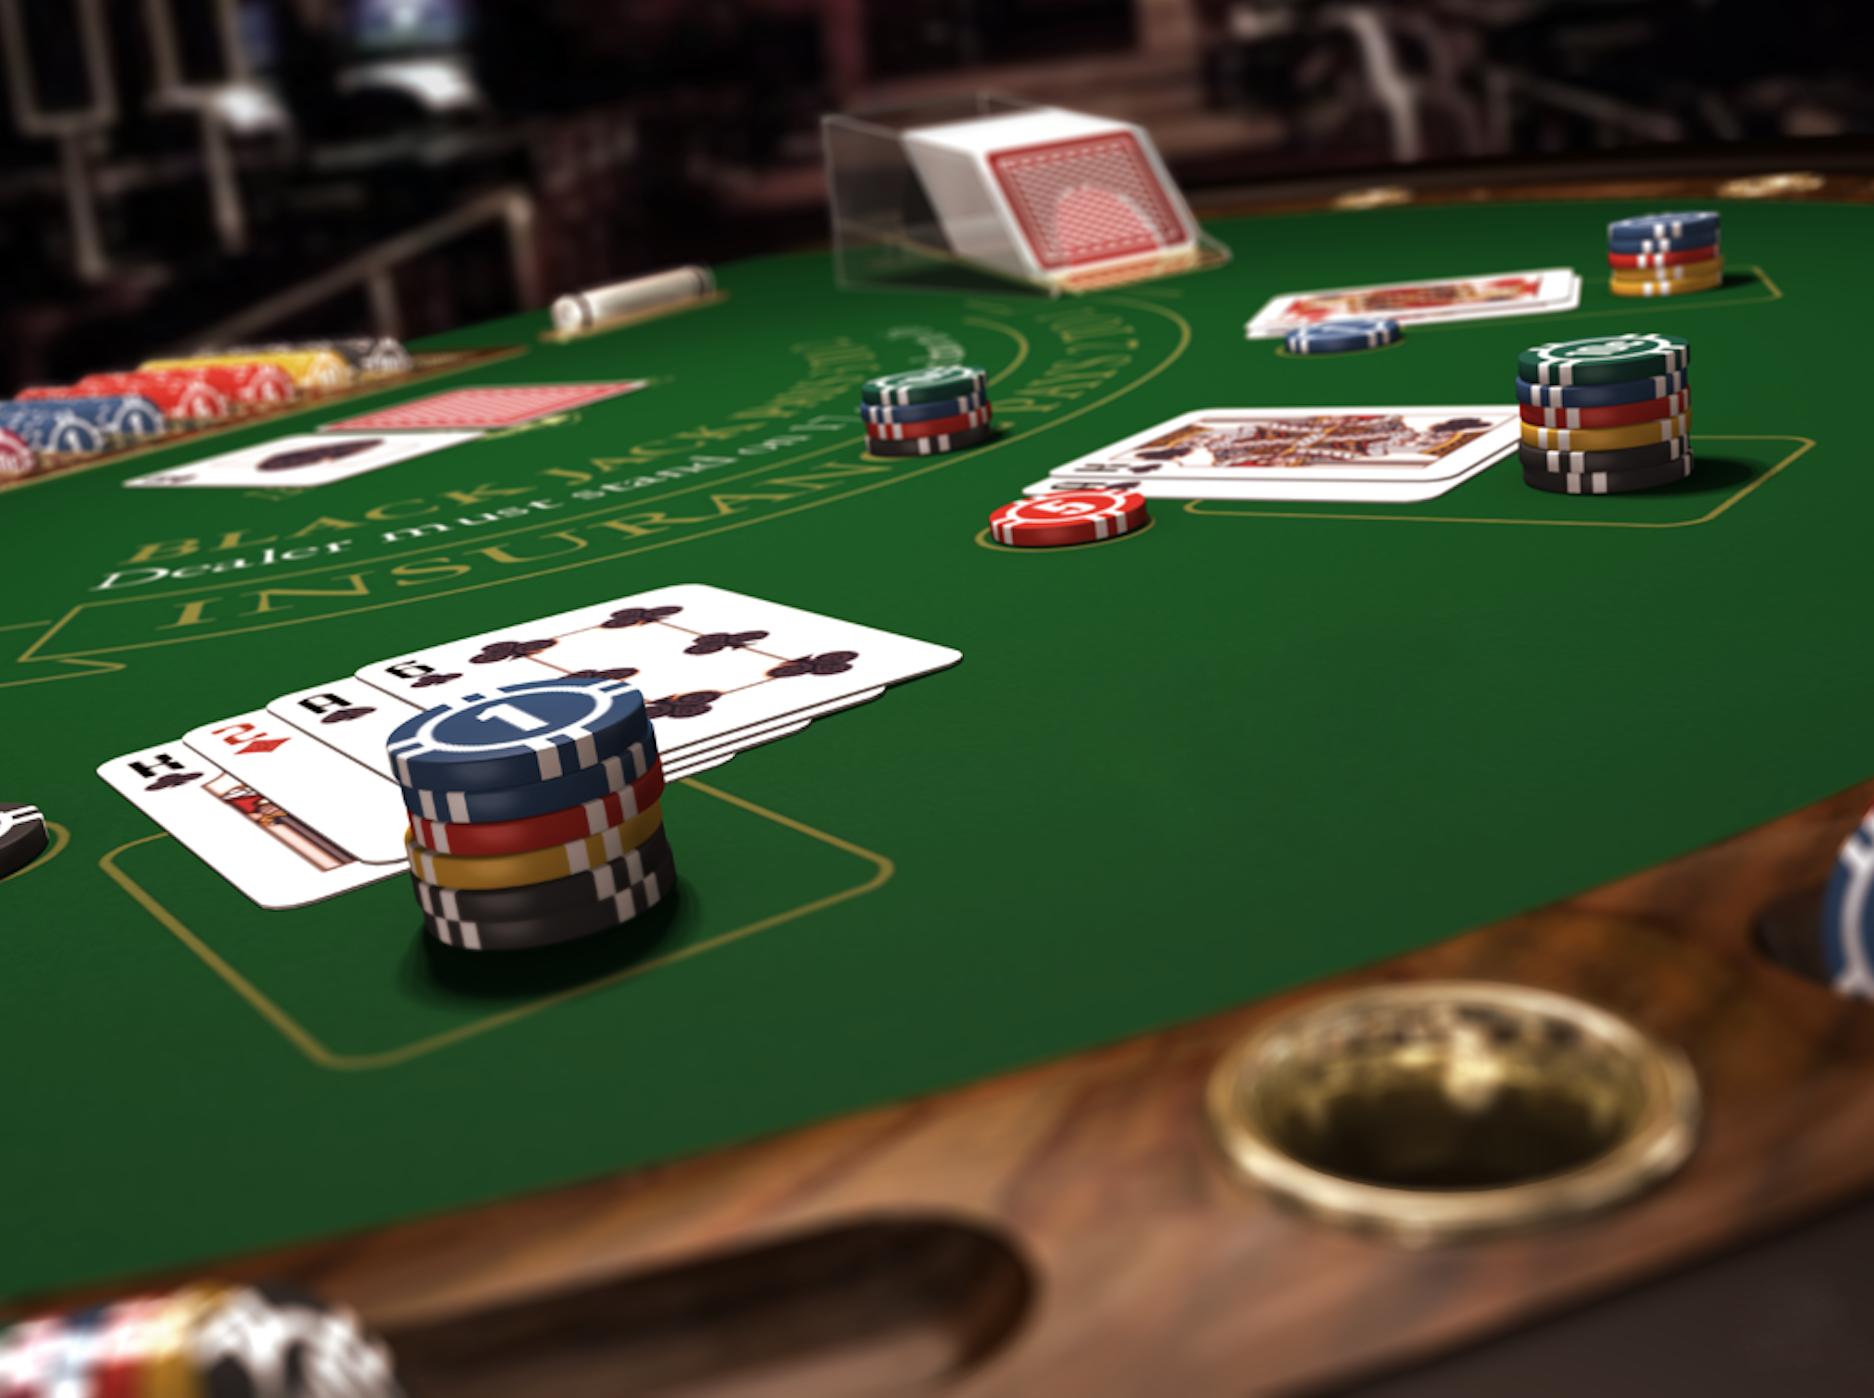 блекджек играть онлайн на деньги